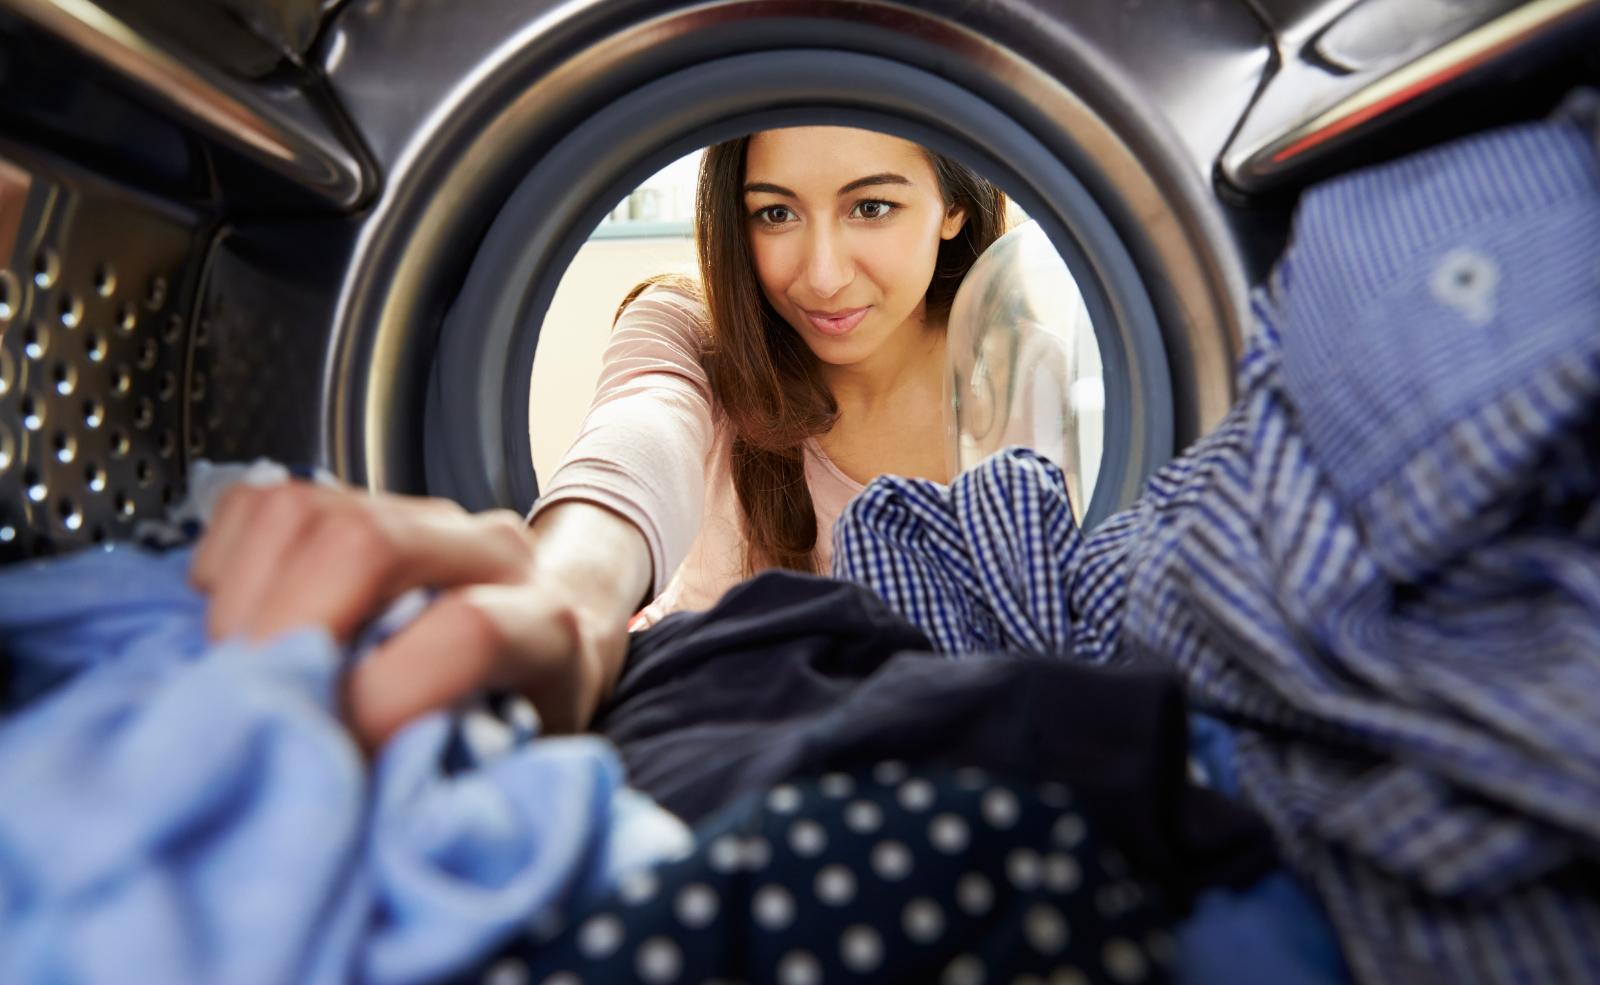 Wenn du nach dem Transport auch noch Wäsche waschen willst, solltest du gut auf die Waschmaschine Acht geben.